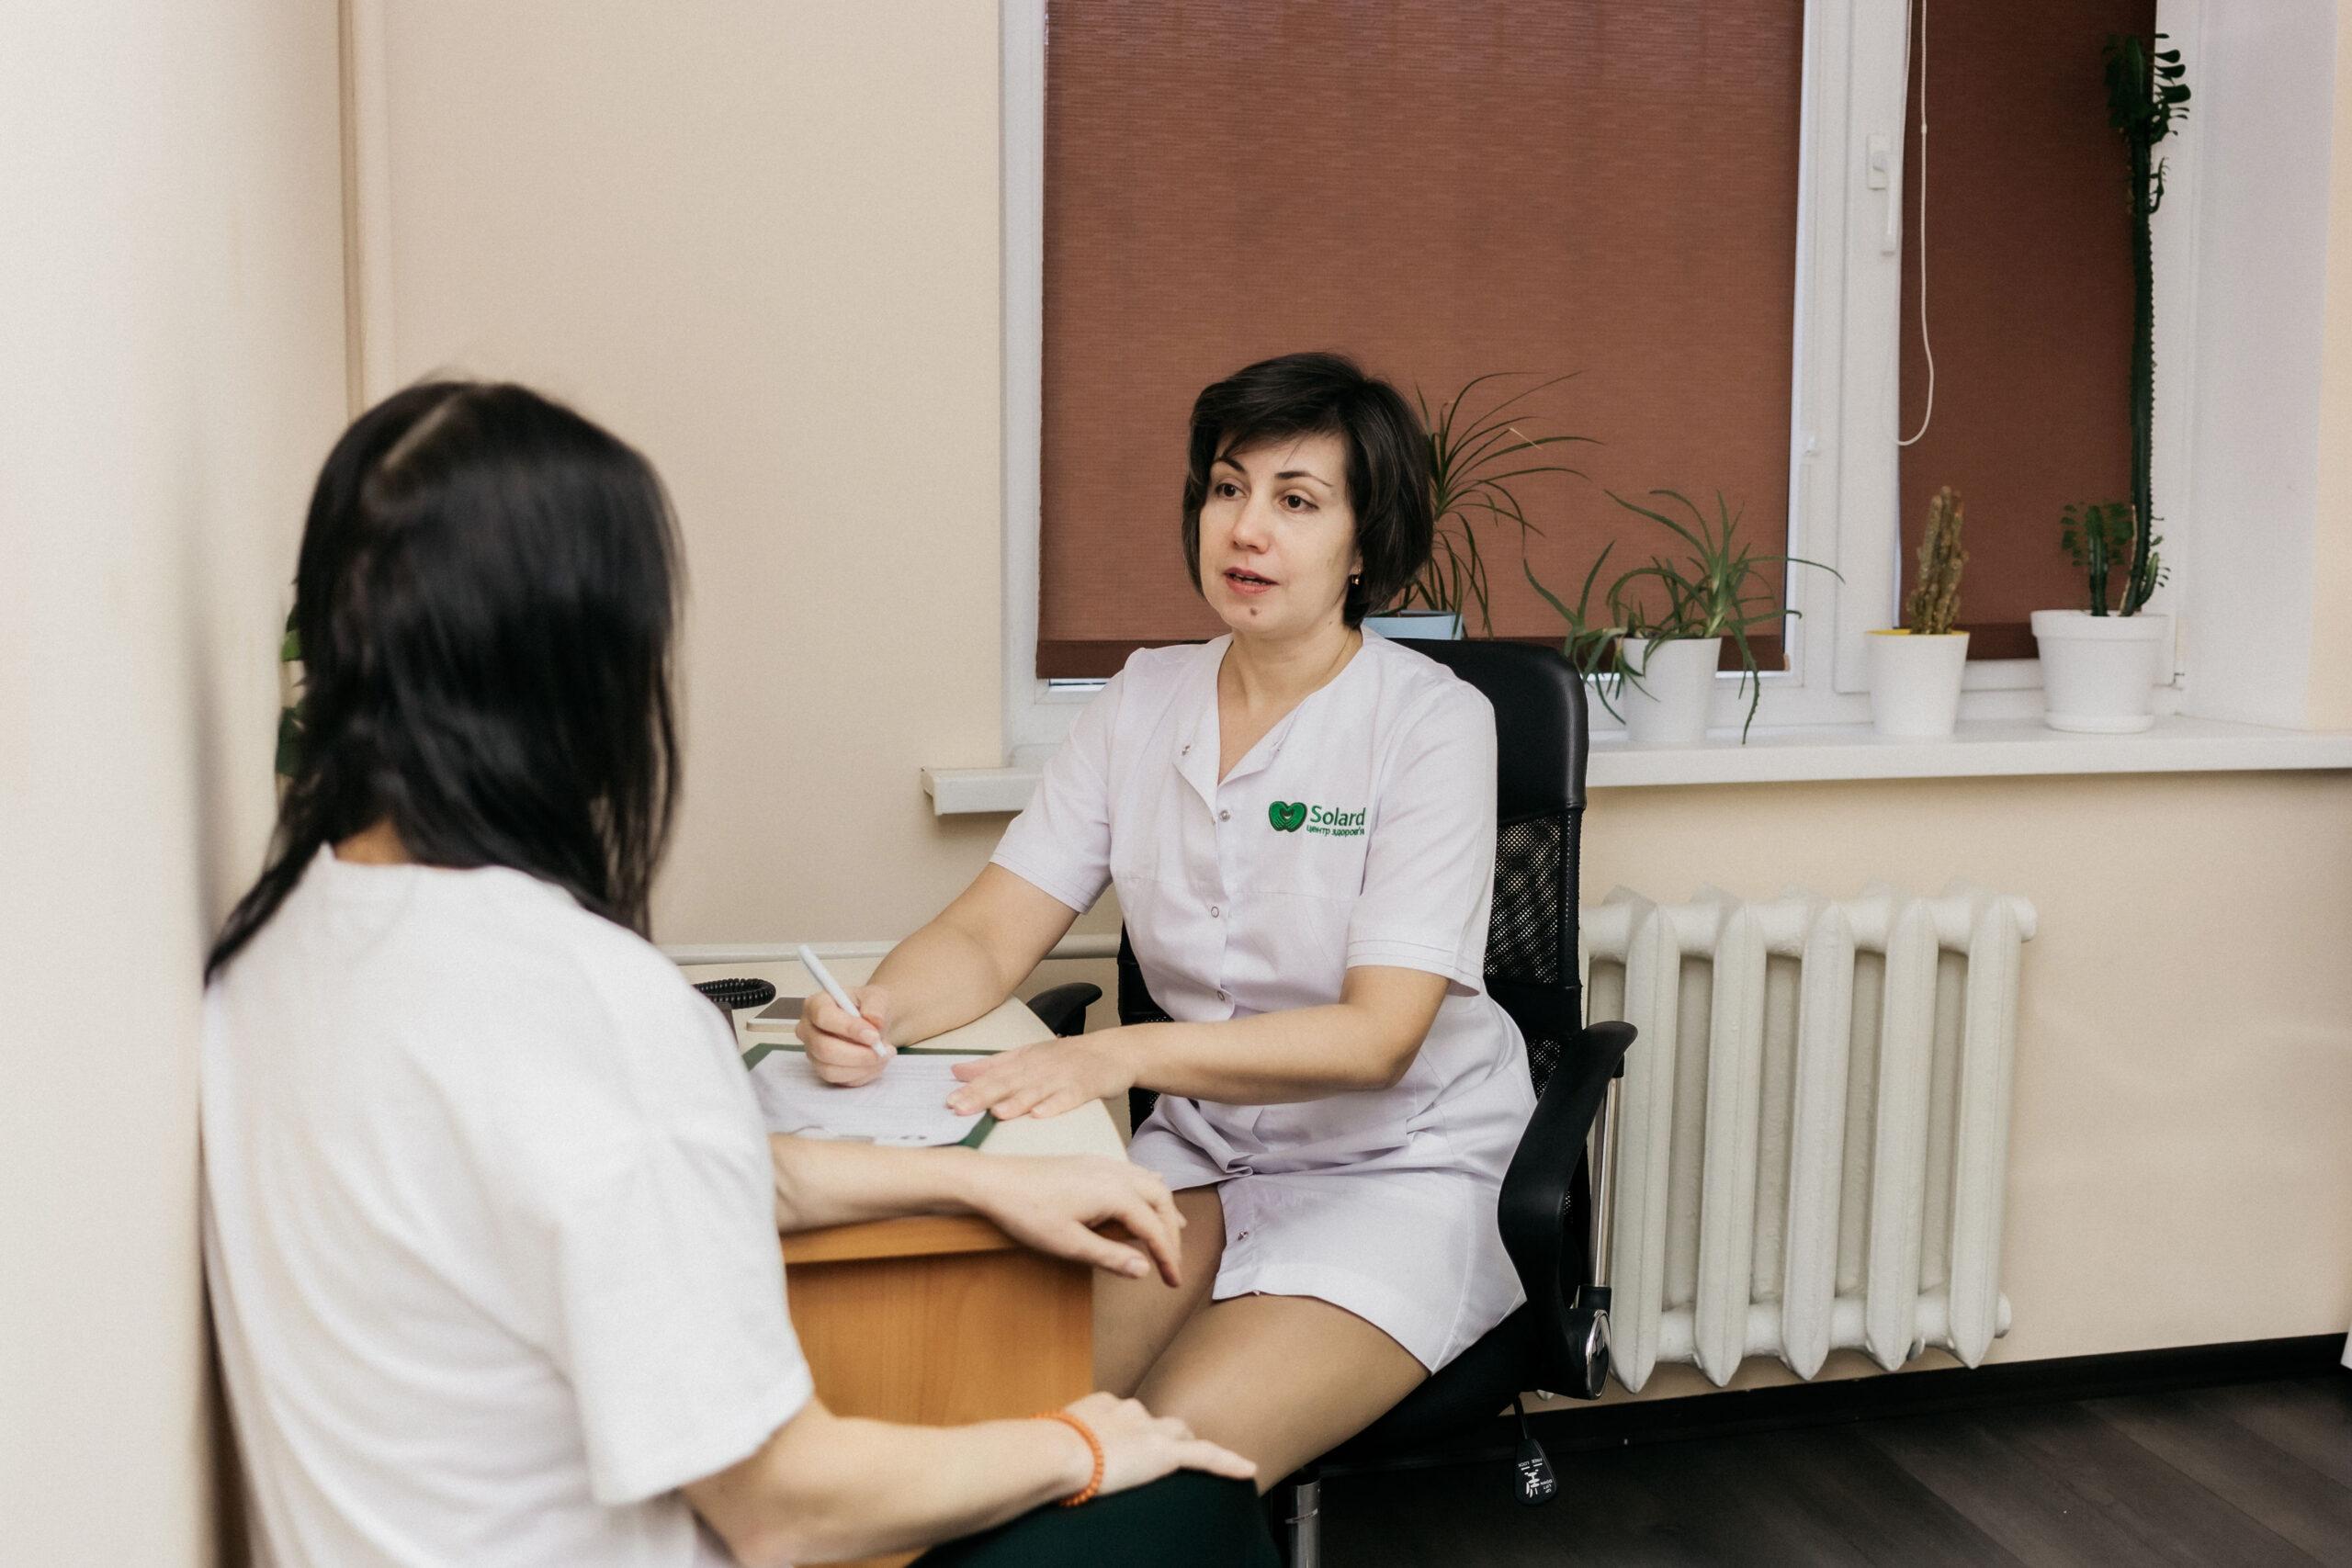 Центр здоров'я Solard - Біль в грудному відділі - 5